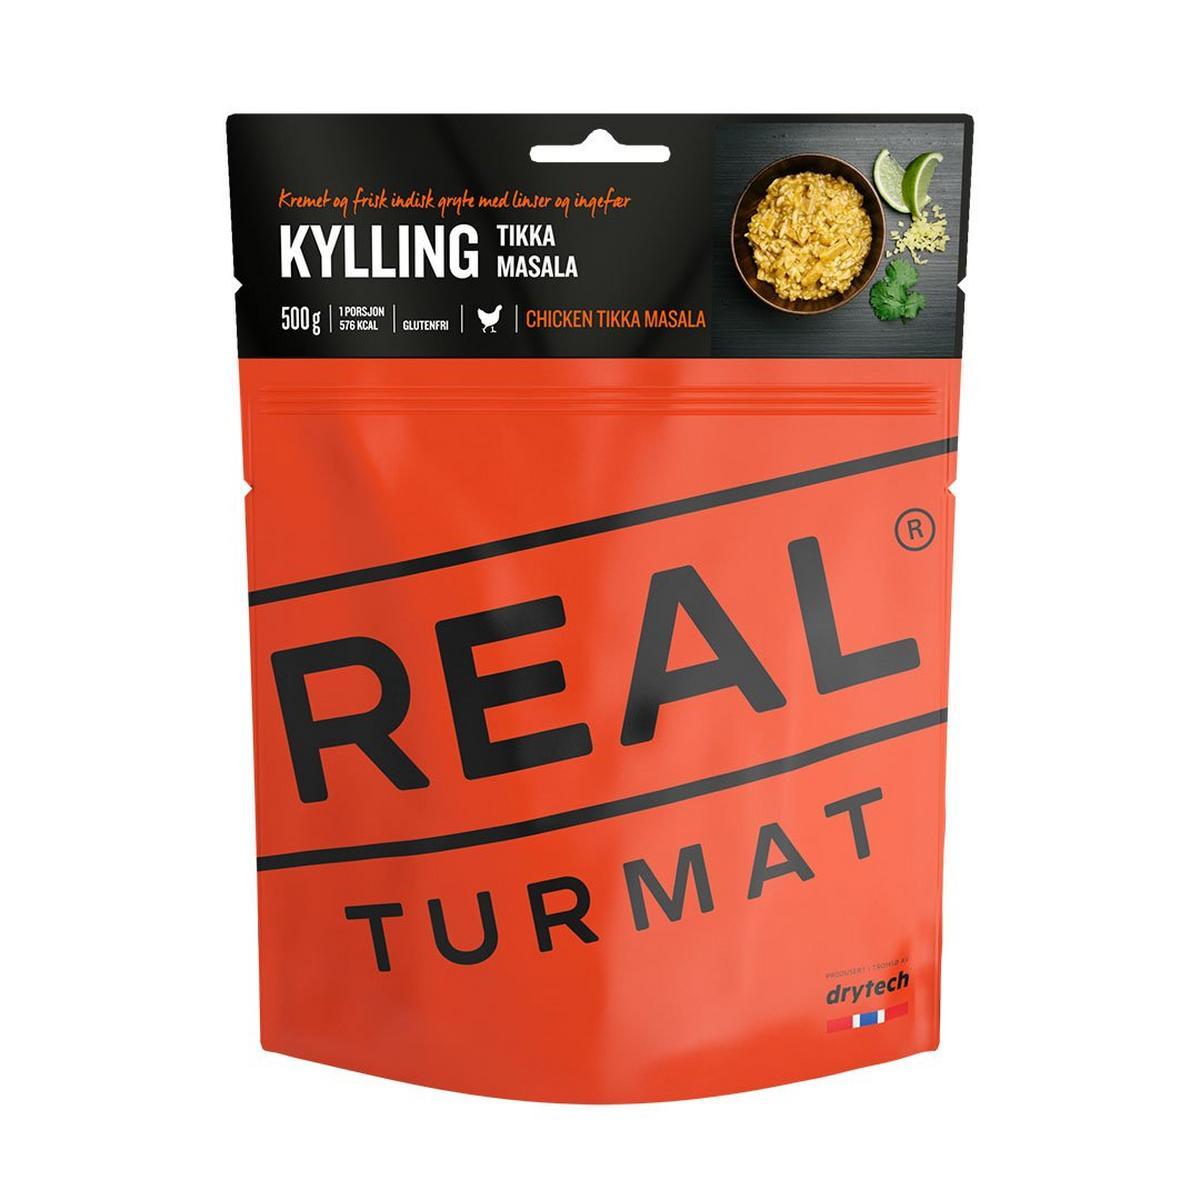 Real Turmat Chicken Tikka Masala